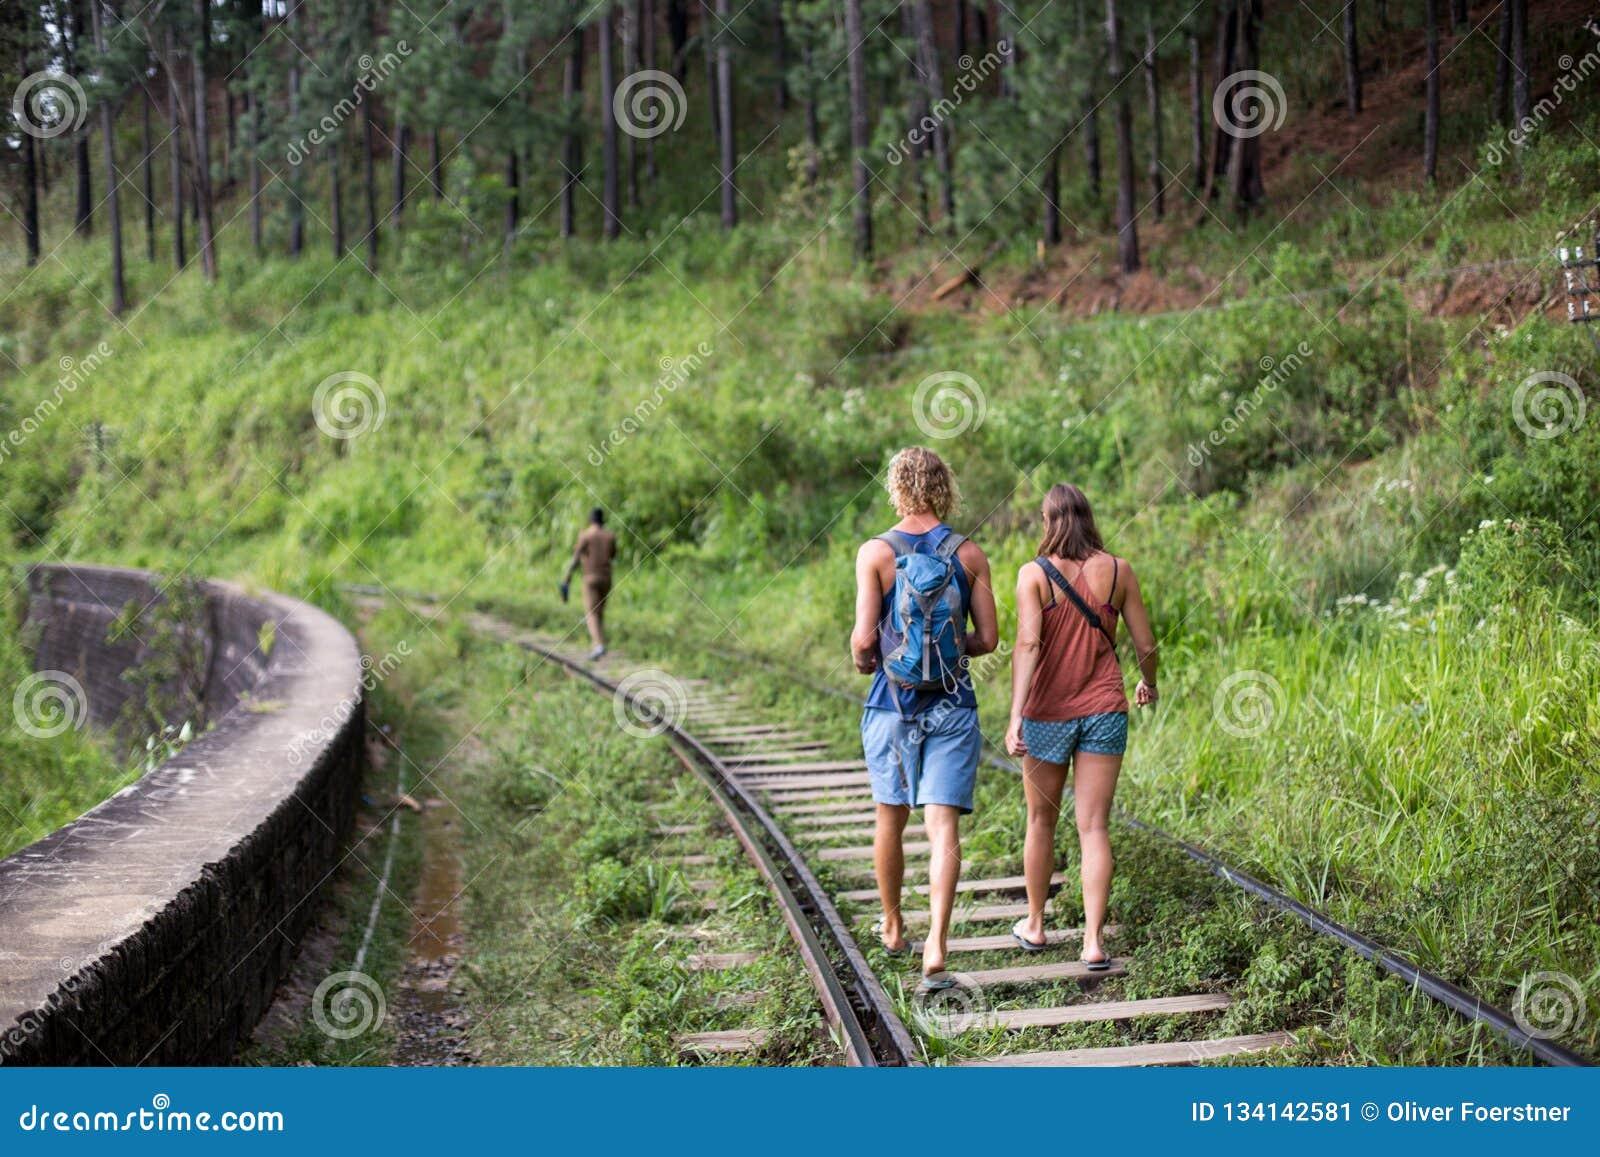 Toeristen die op treinsporen lopen in Ella, Sri Lanka